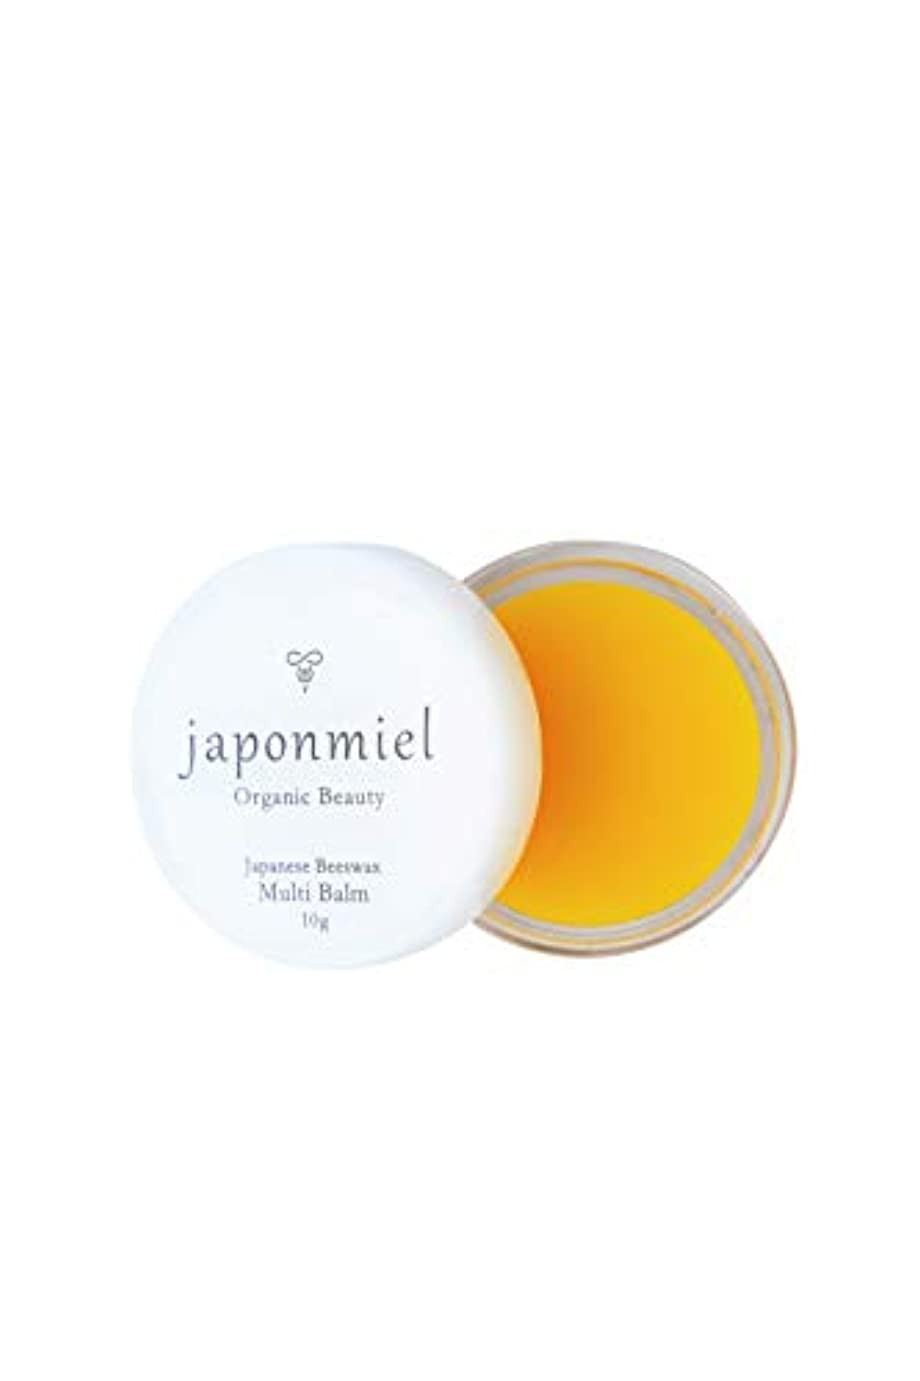 形ヒント誠実さjaponmiel オーガニック マルチバーム 10g (日本ミツバチ ミツロウ 配合 100%自然由来)